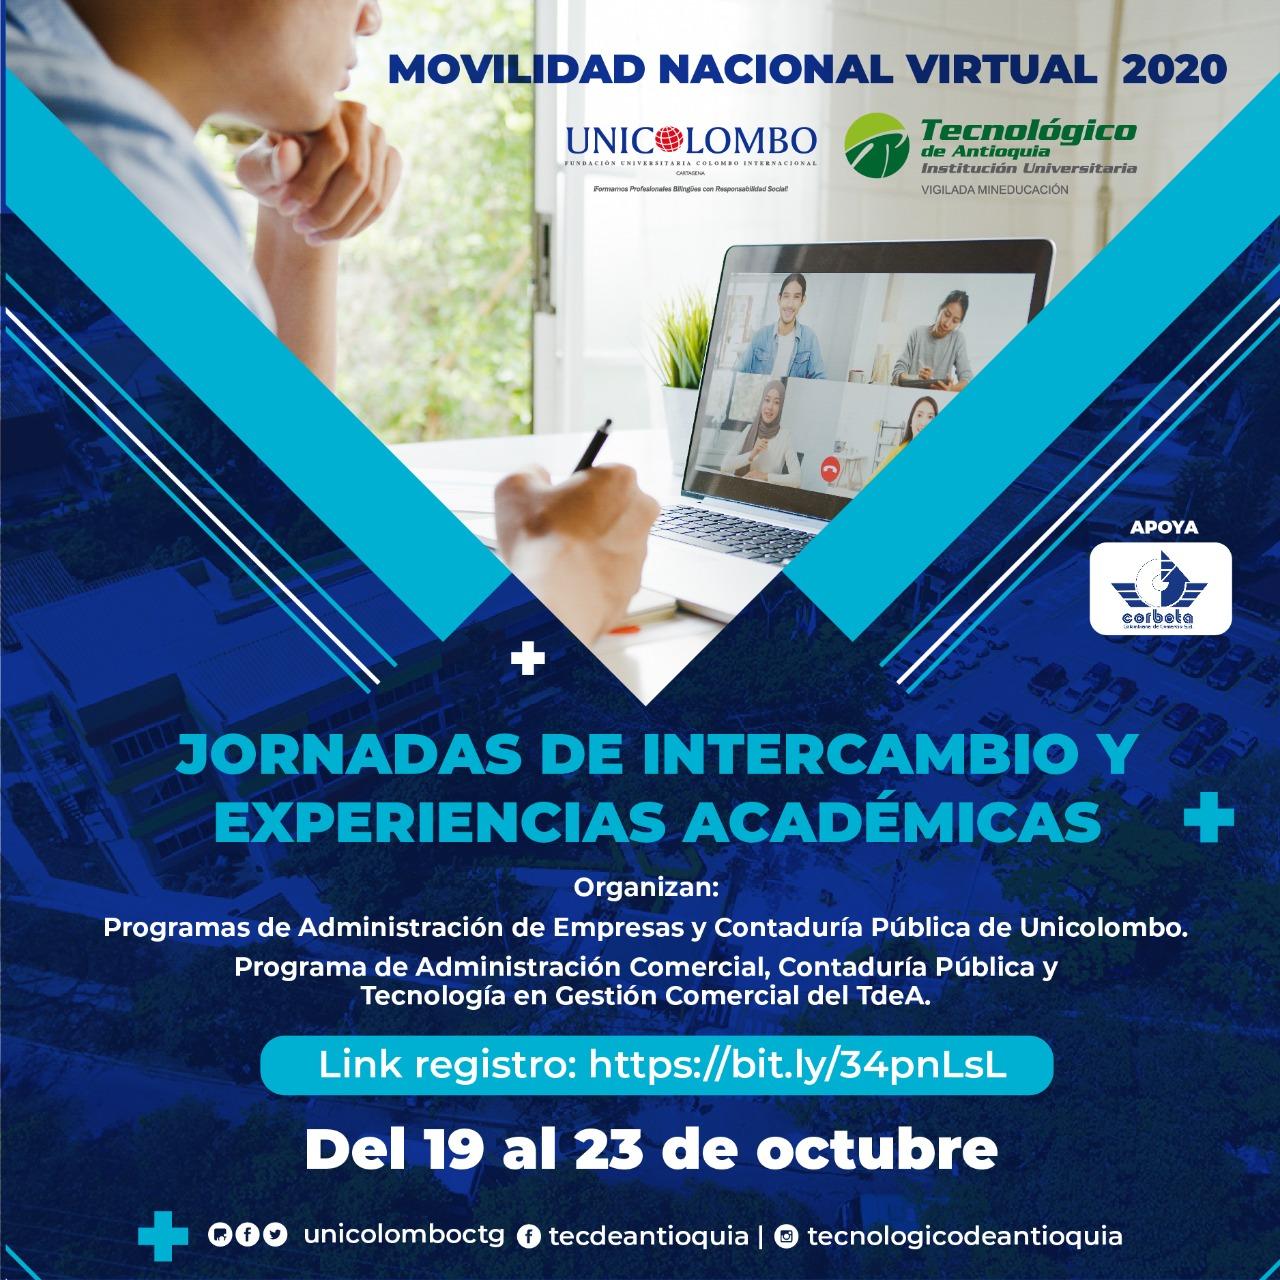 Movilidad Nacional Virtual 2020. Jornadas de intercambio y experiencias académicas.